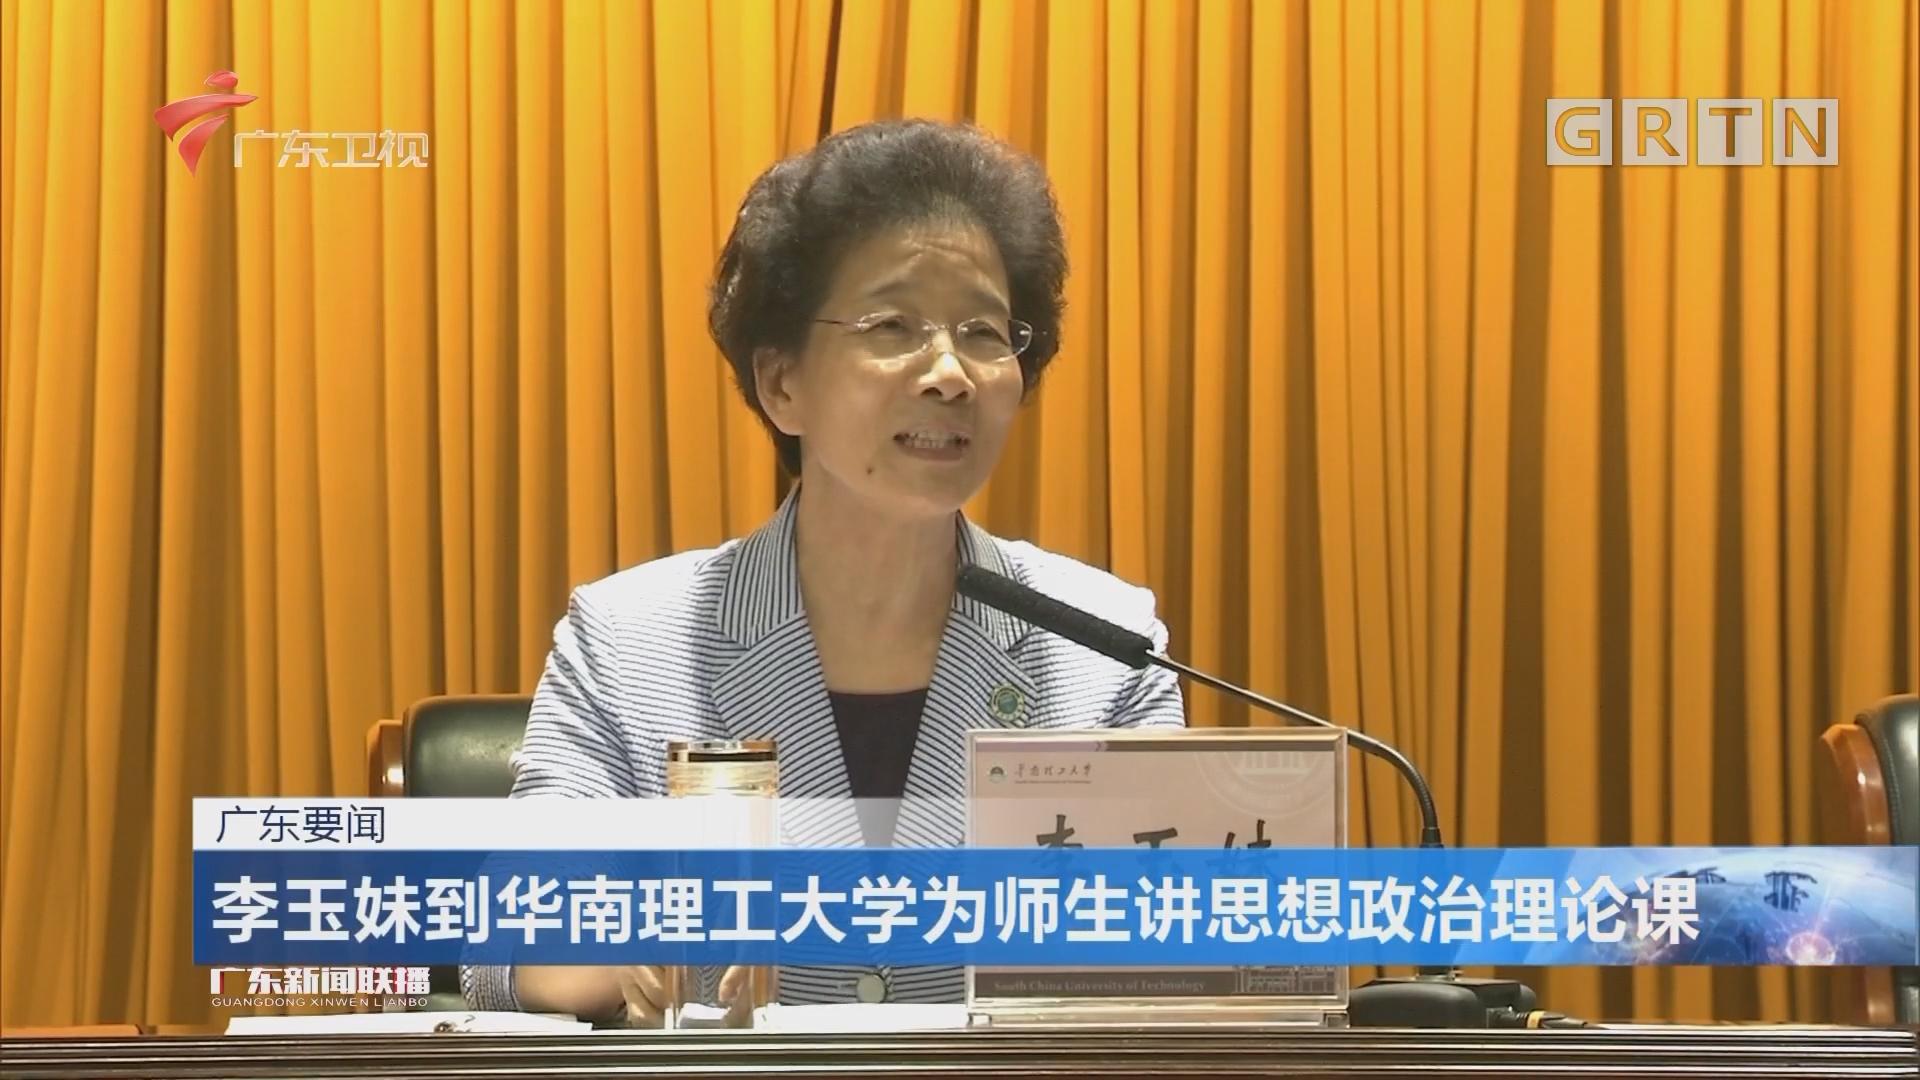 李玉妹到华南理工大学为师生讲思想政治理论课